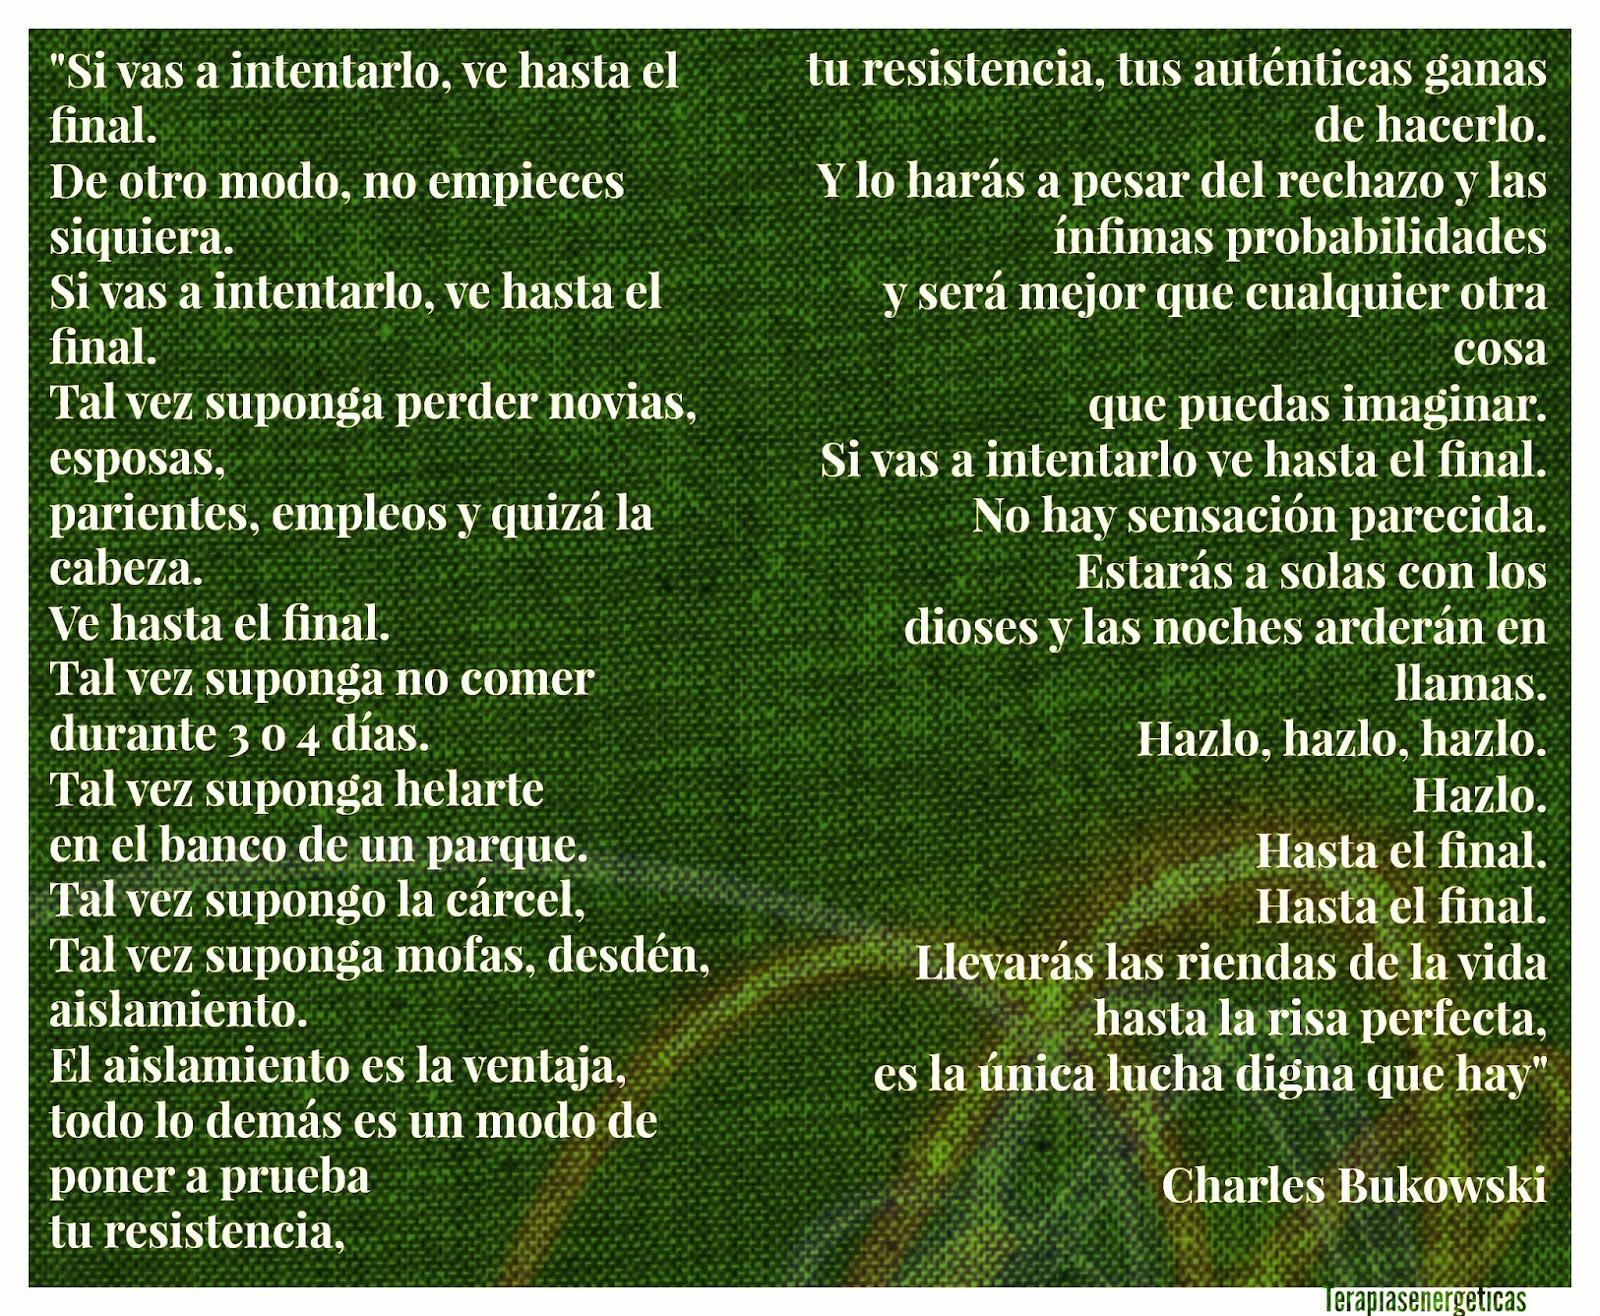 Voluntad, Charles Bukowski